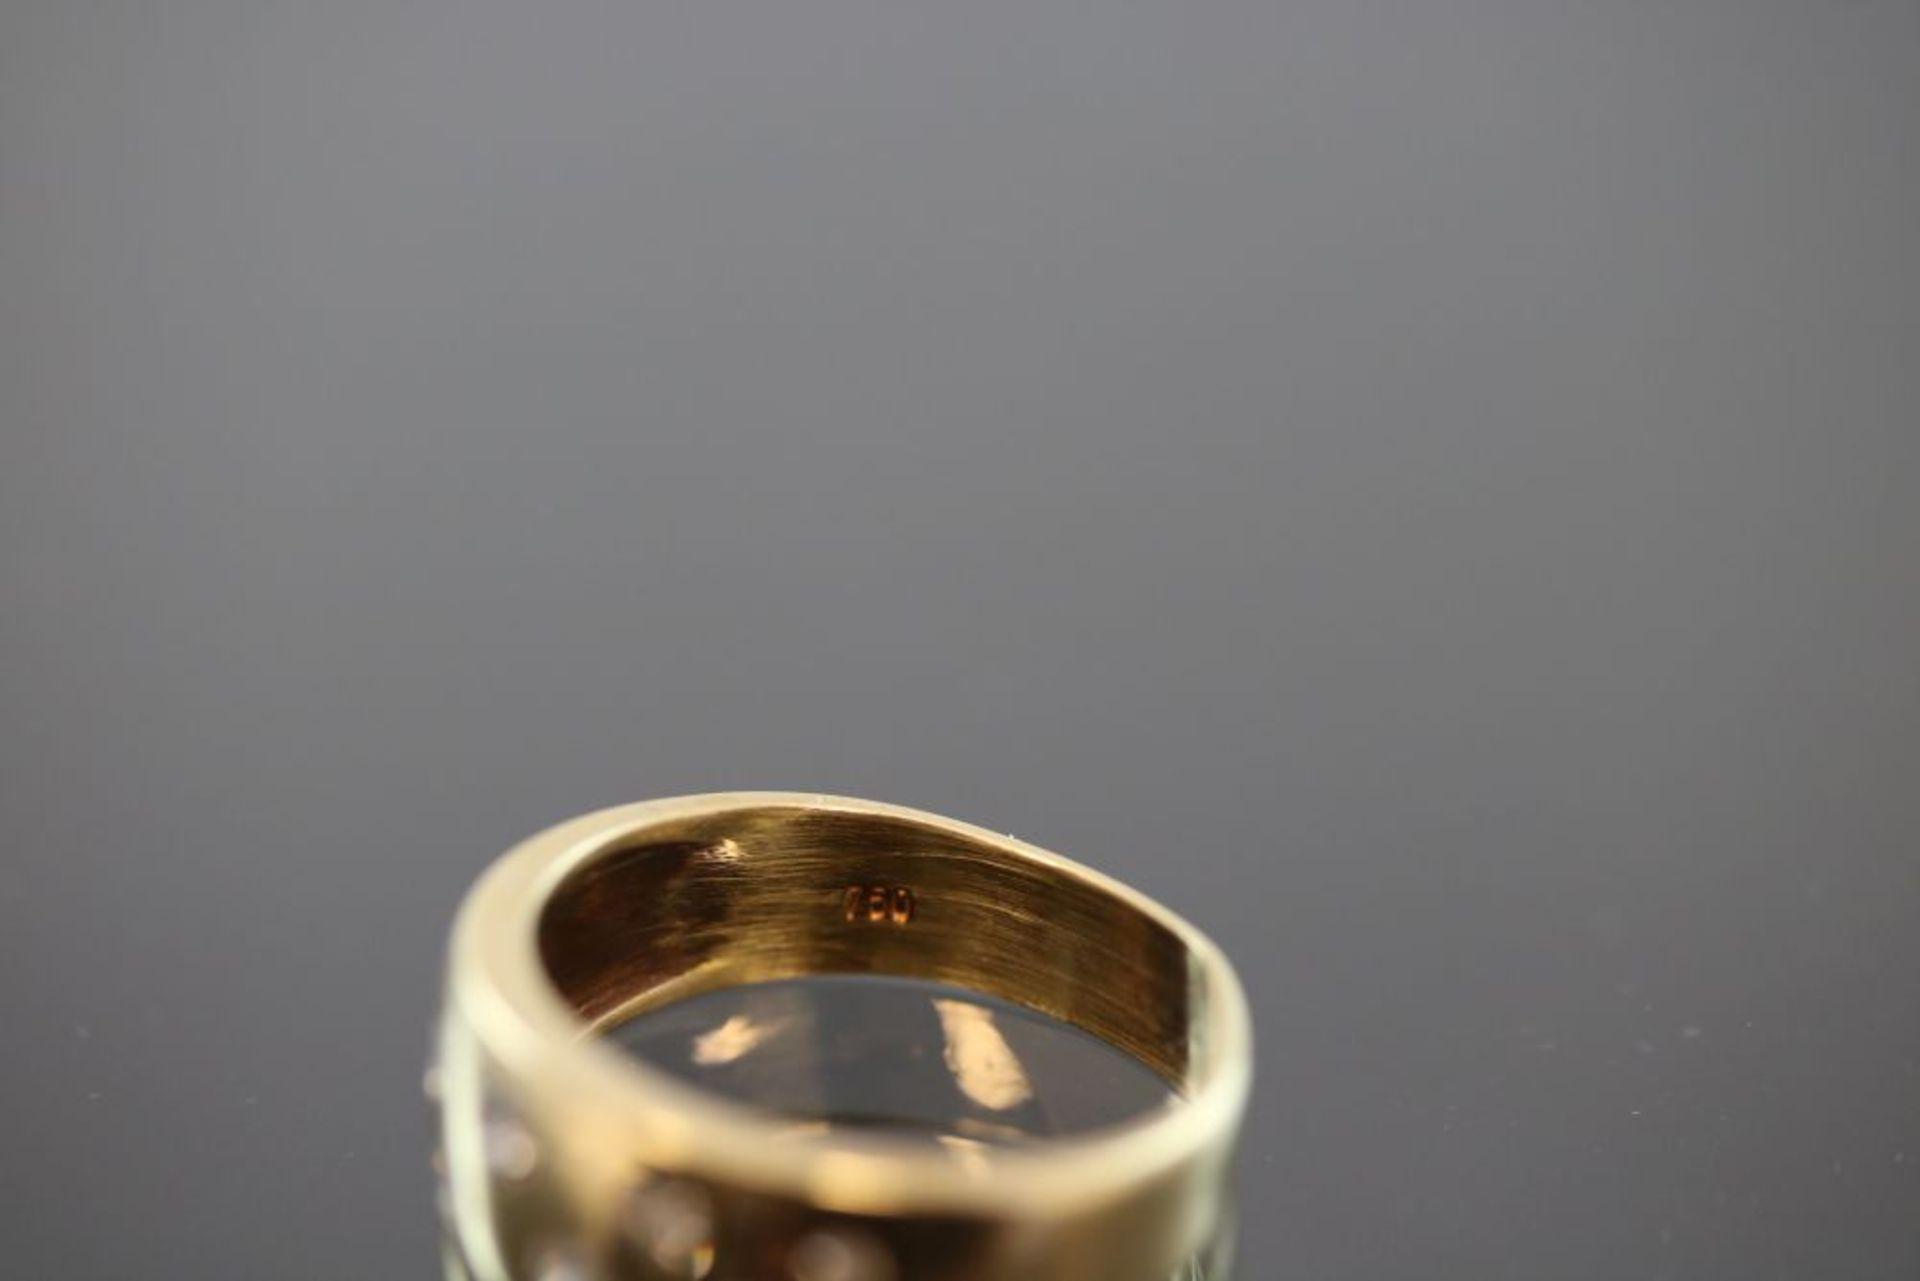 Brillant-Ring, 750 Gold - Bild 3 aus 3